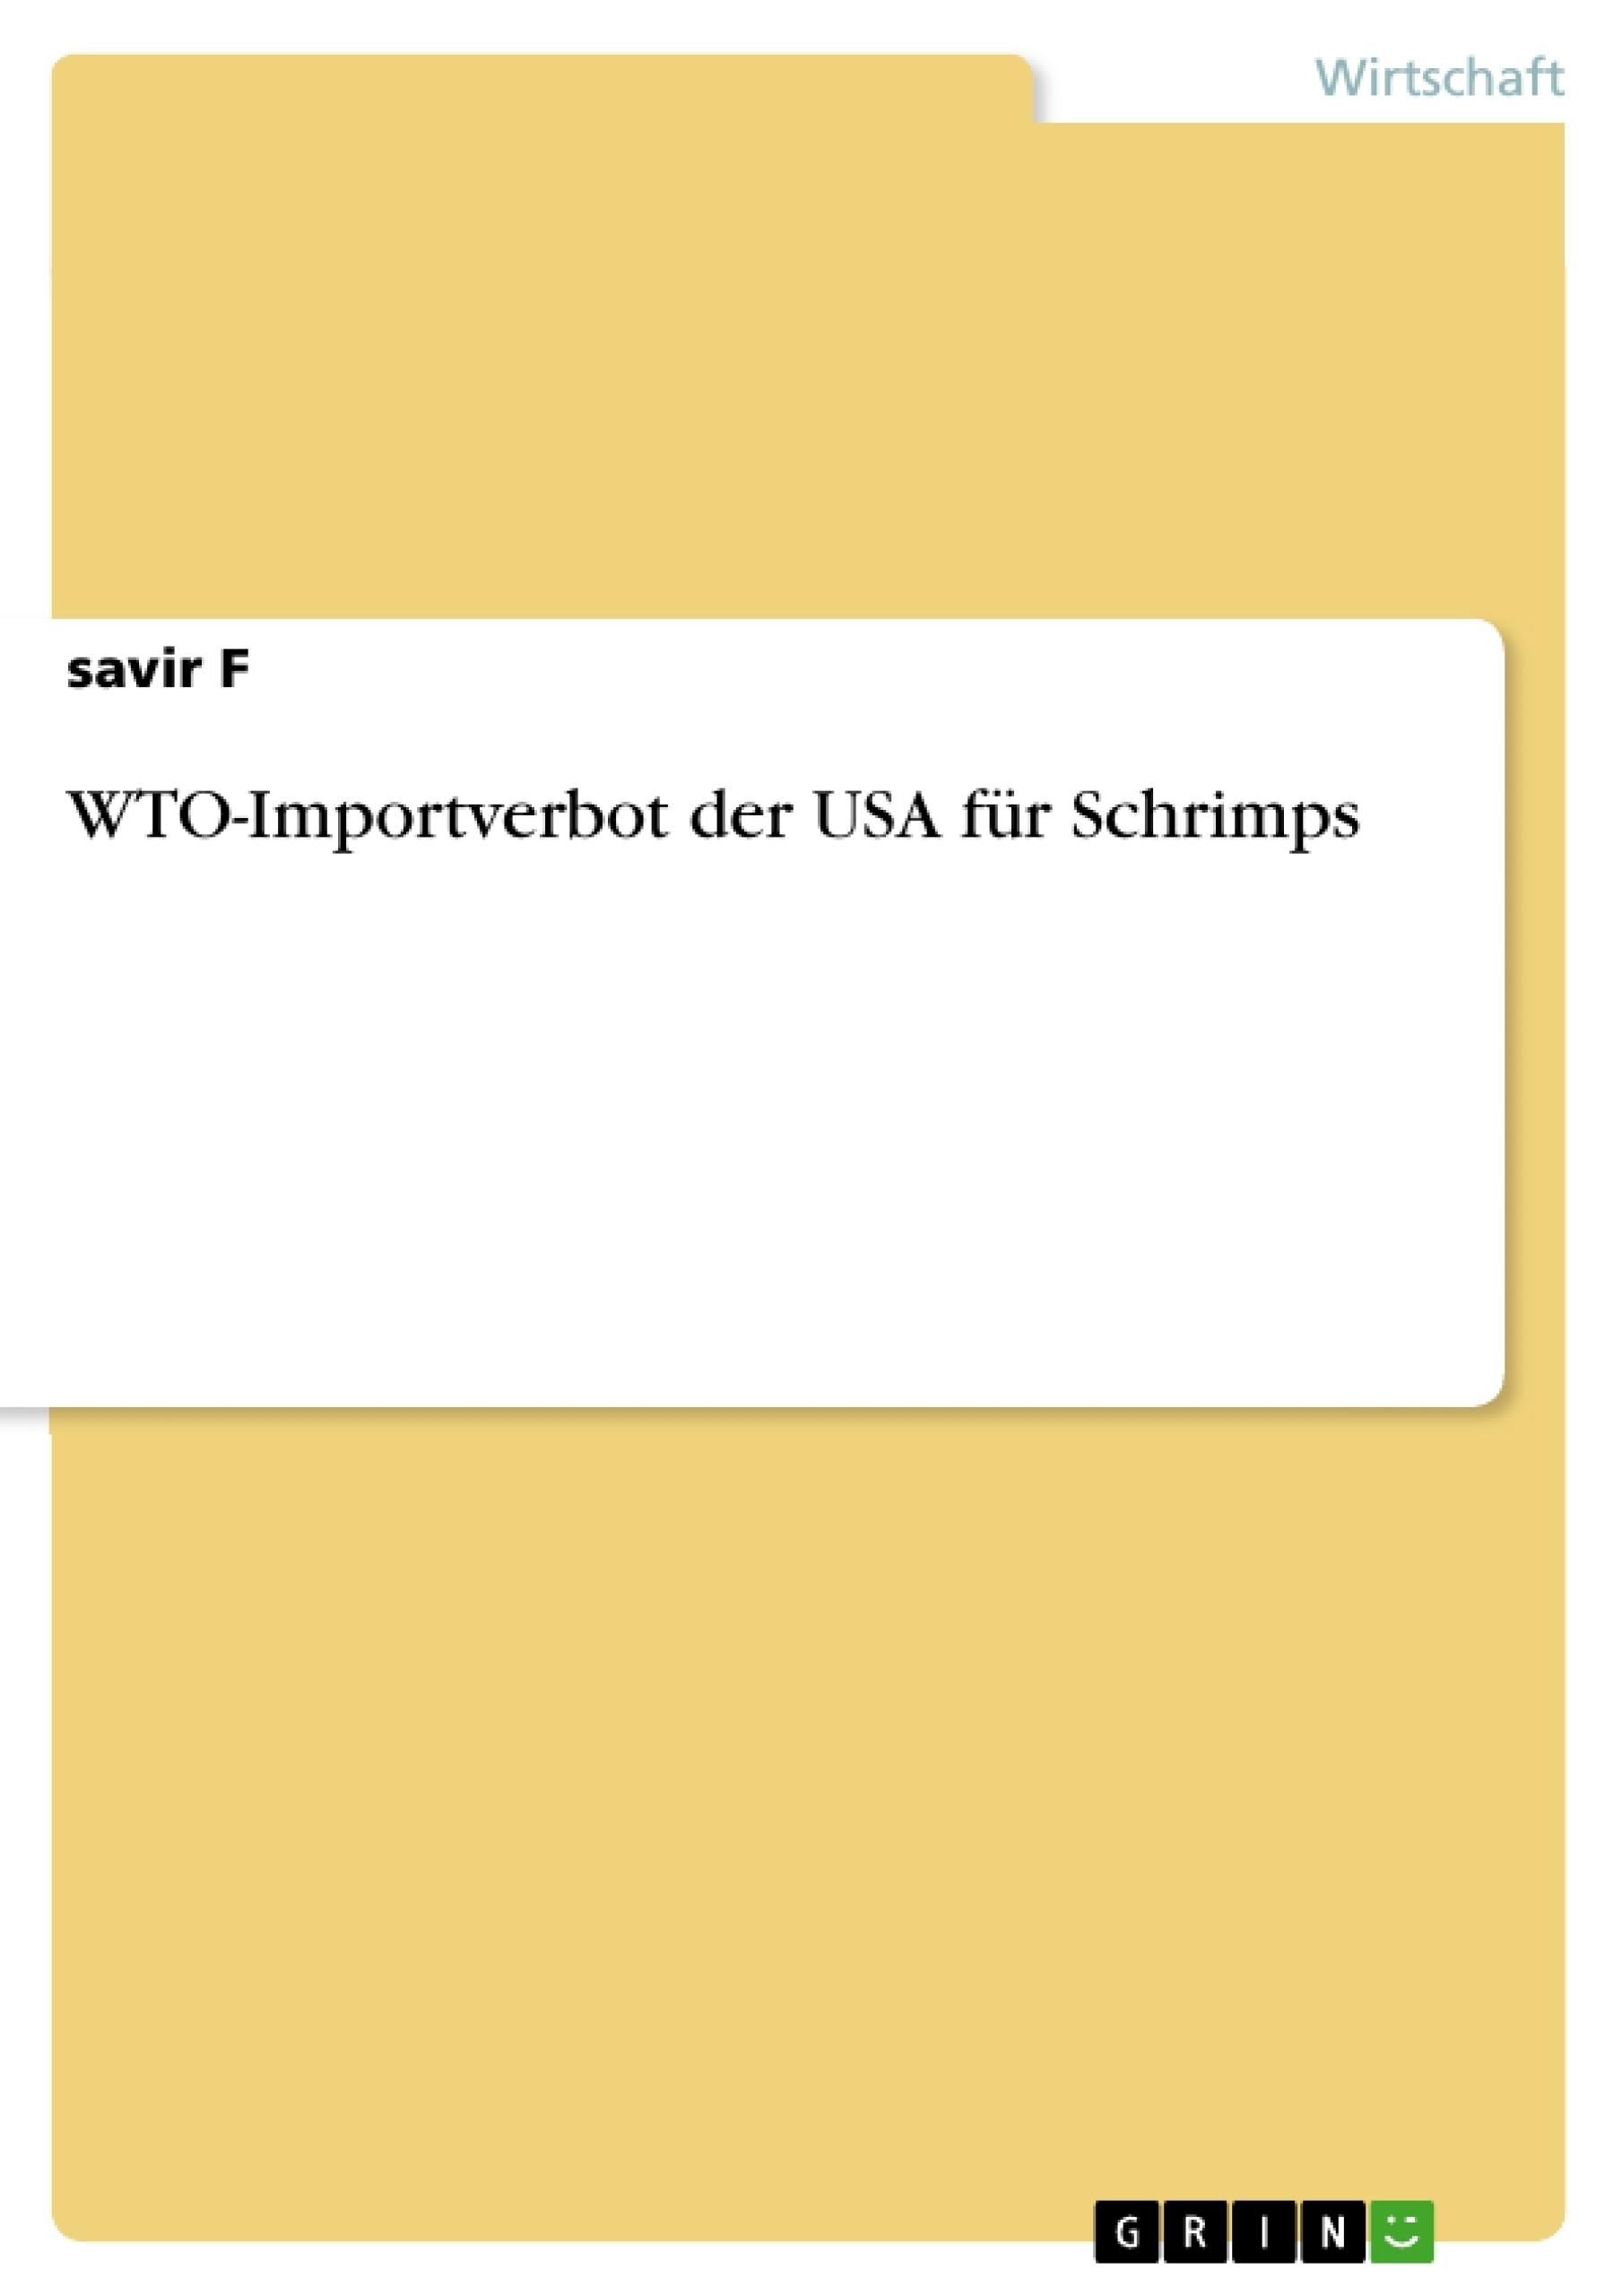 Titel: WTO-Importverbot der USA für Schrimps